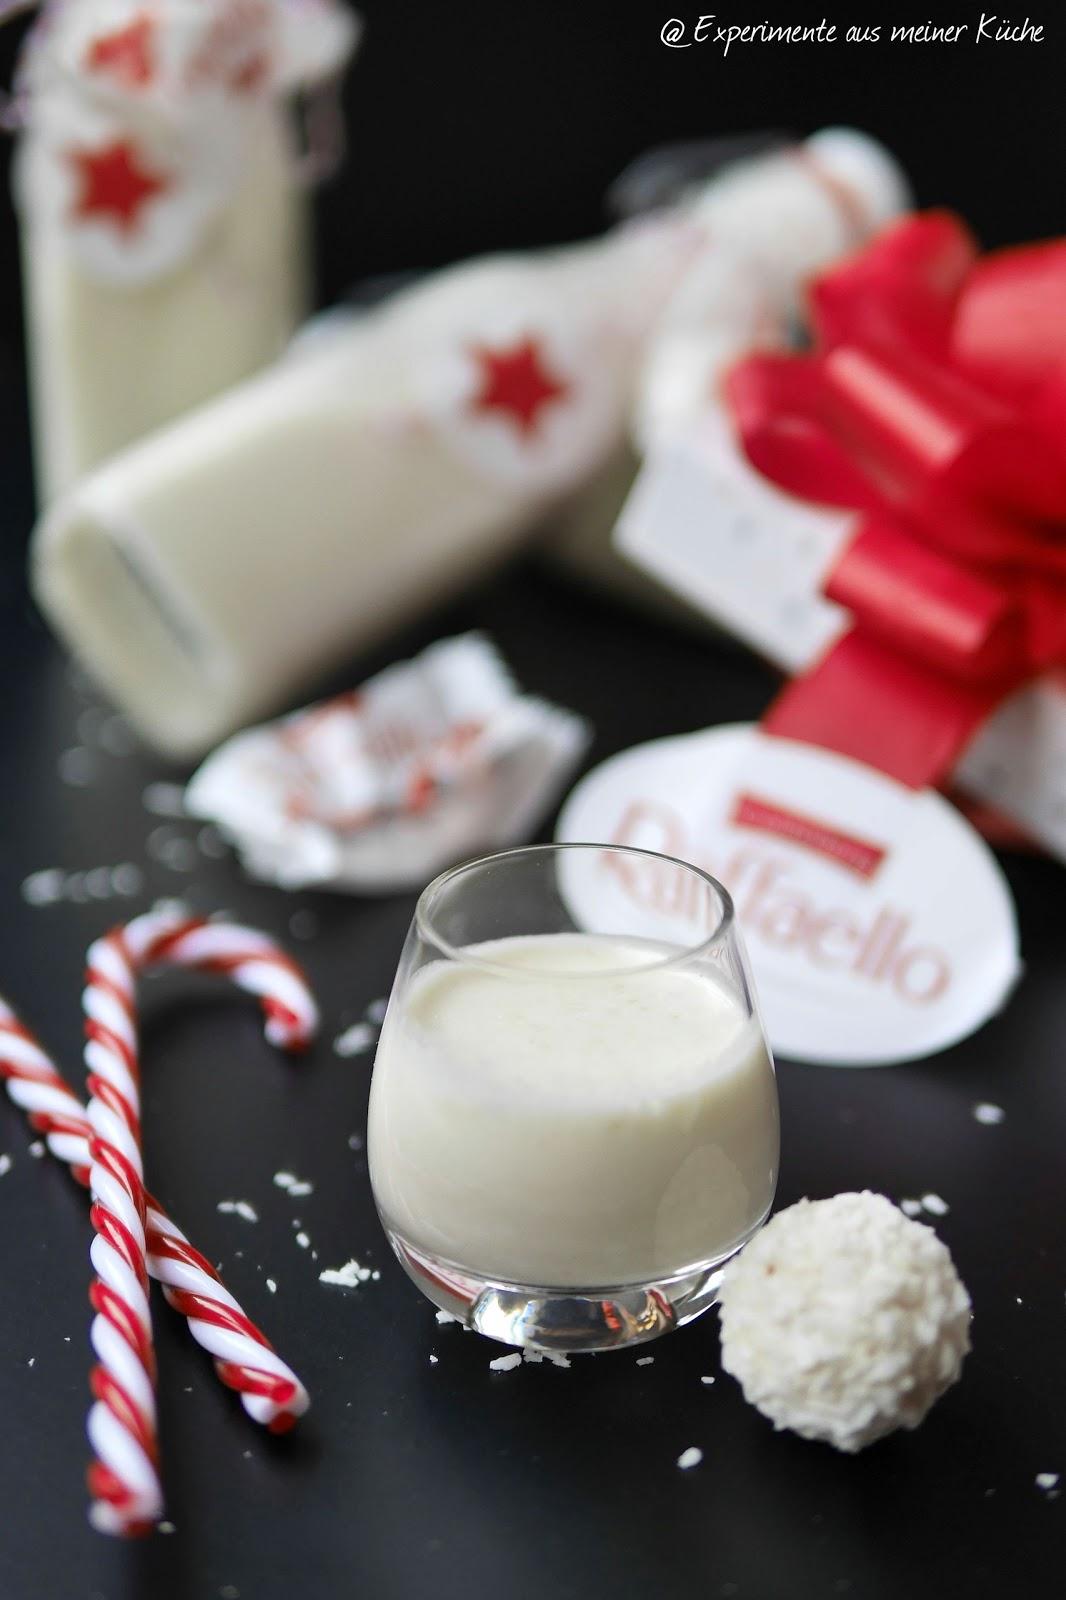 Experimente aus meiner Küche: Zwei Liköre zu Weihnachten {Geschenke ...